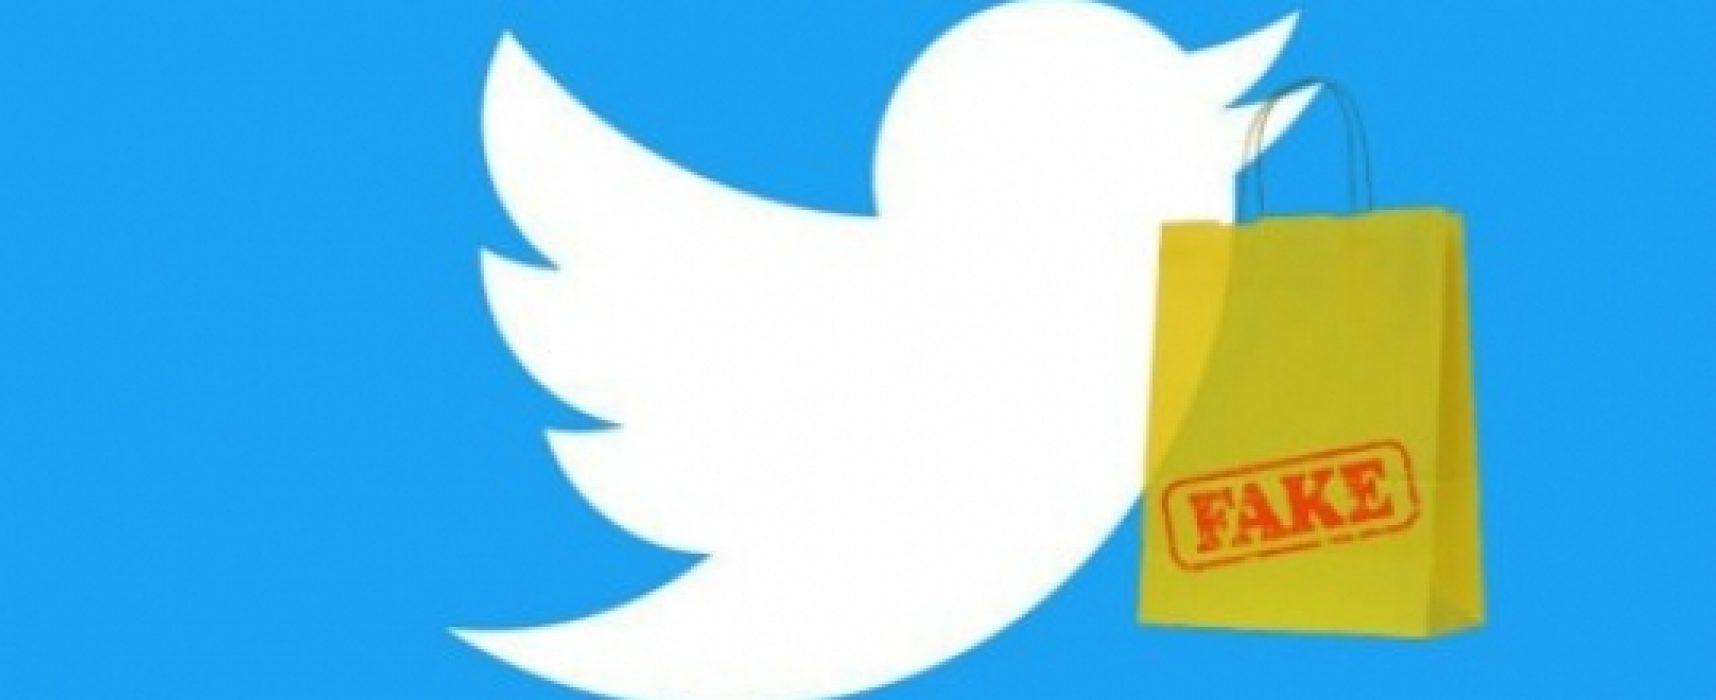 Новое исследование пришло к выводу о неэффективности стратегии Twitter по борьбе с фейковыми новостями